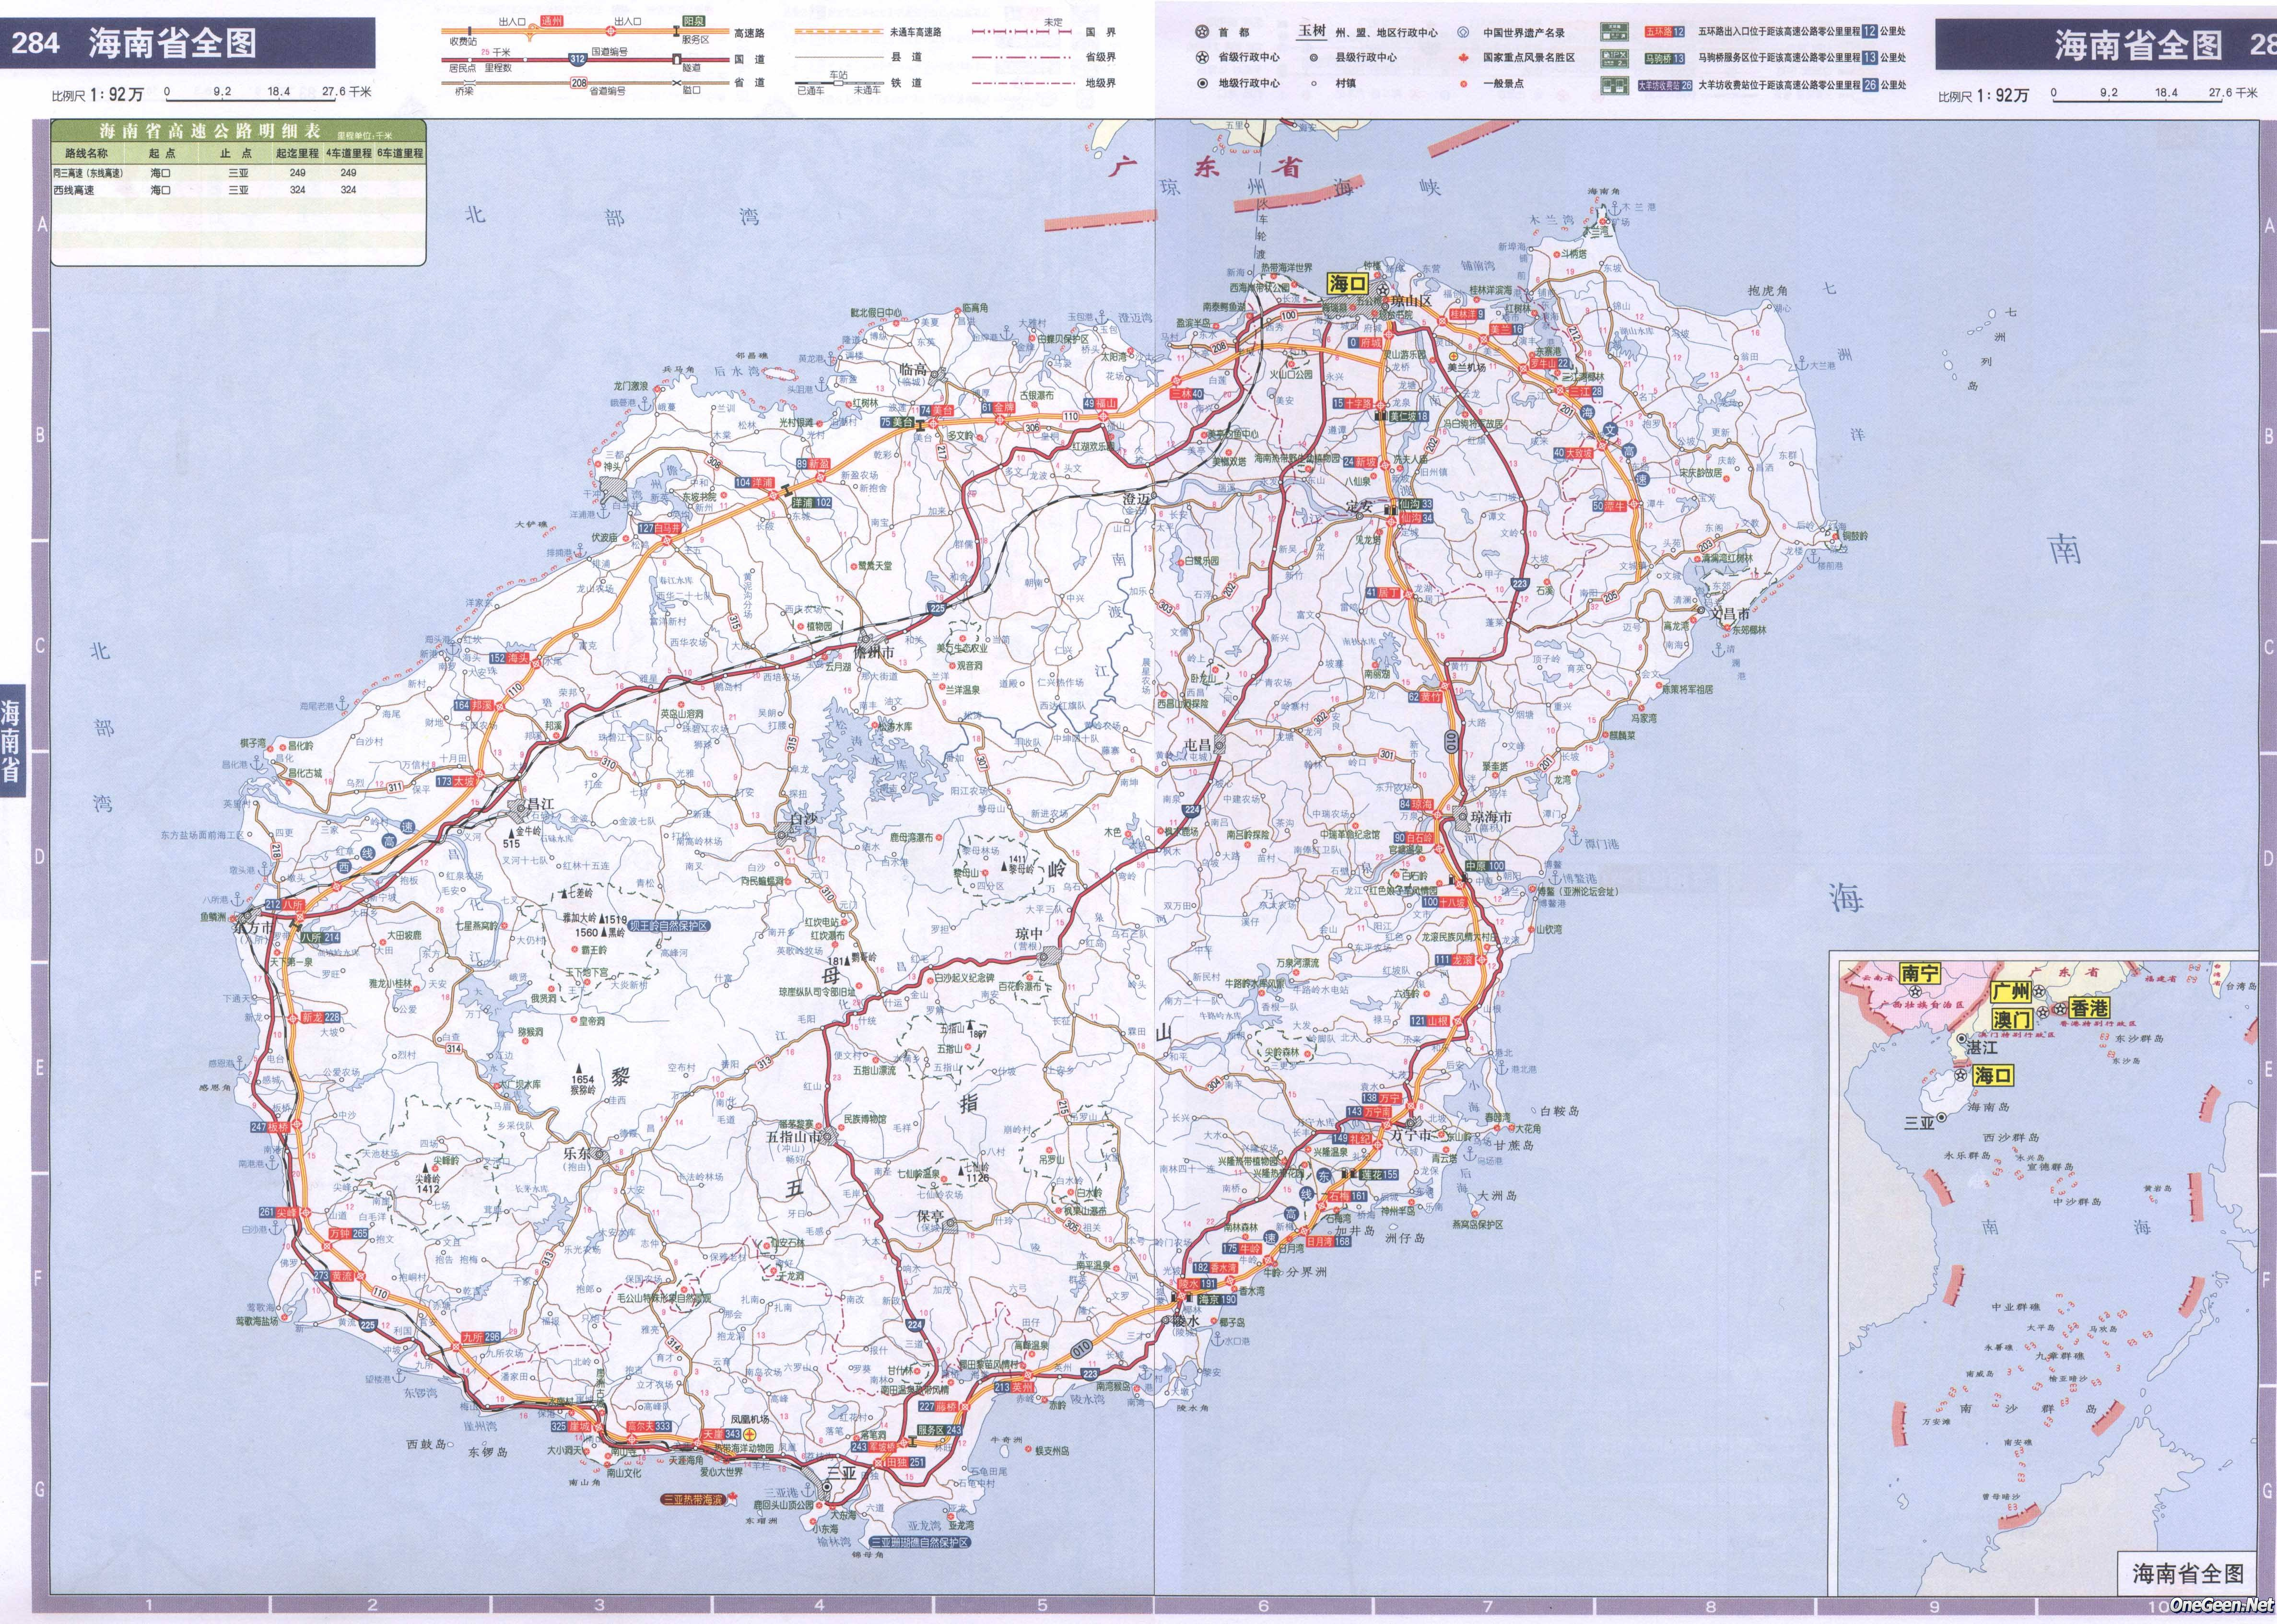 海南省交通地图全图